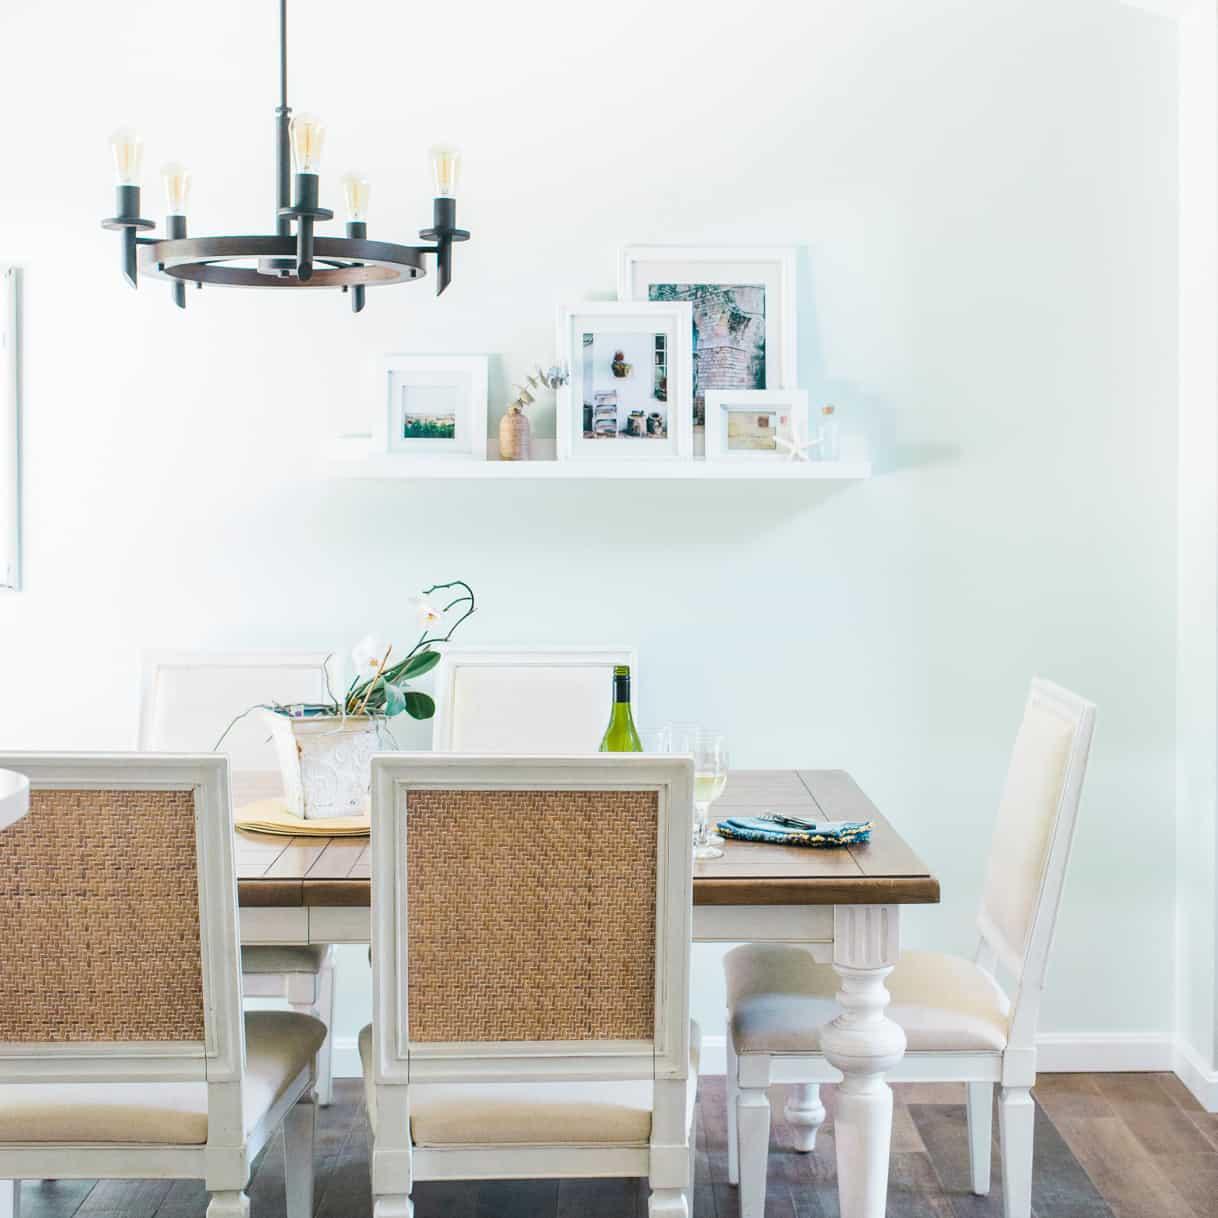 kitchen-design-coastal-white-annapolis-marble-eastern-shore-005photo